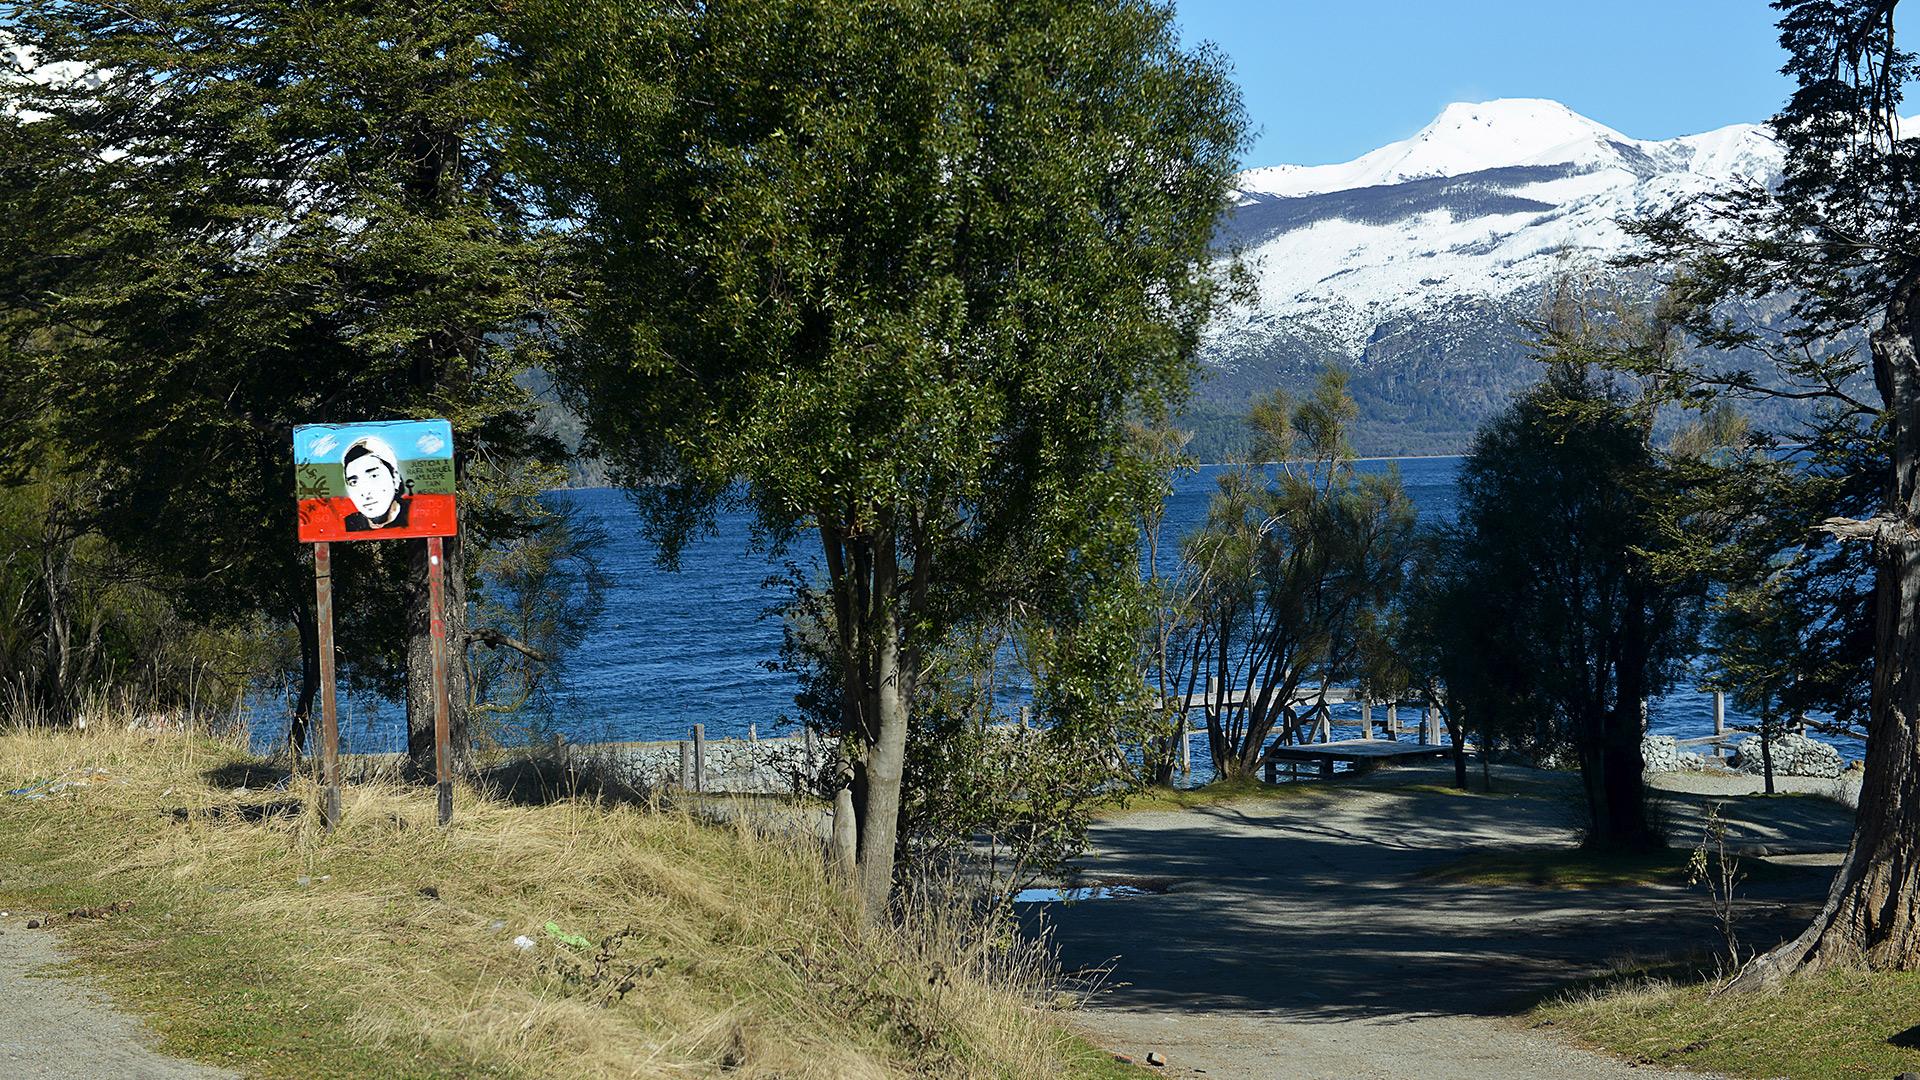 Mascardi es foco de una histórica pulseada por la propiedad de tierras de las que grupos mapuches afirman tener derechos ancestrales. La comunidad Lafken Winkul Mapu tomó posesión hace tres años de un predio de aproximadamente seis hectáreas ubicado dentro del Parque Nacional Nahuel Huapi.